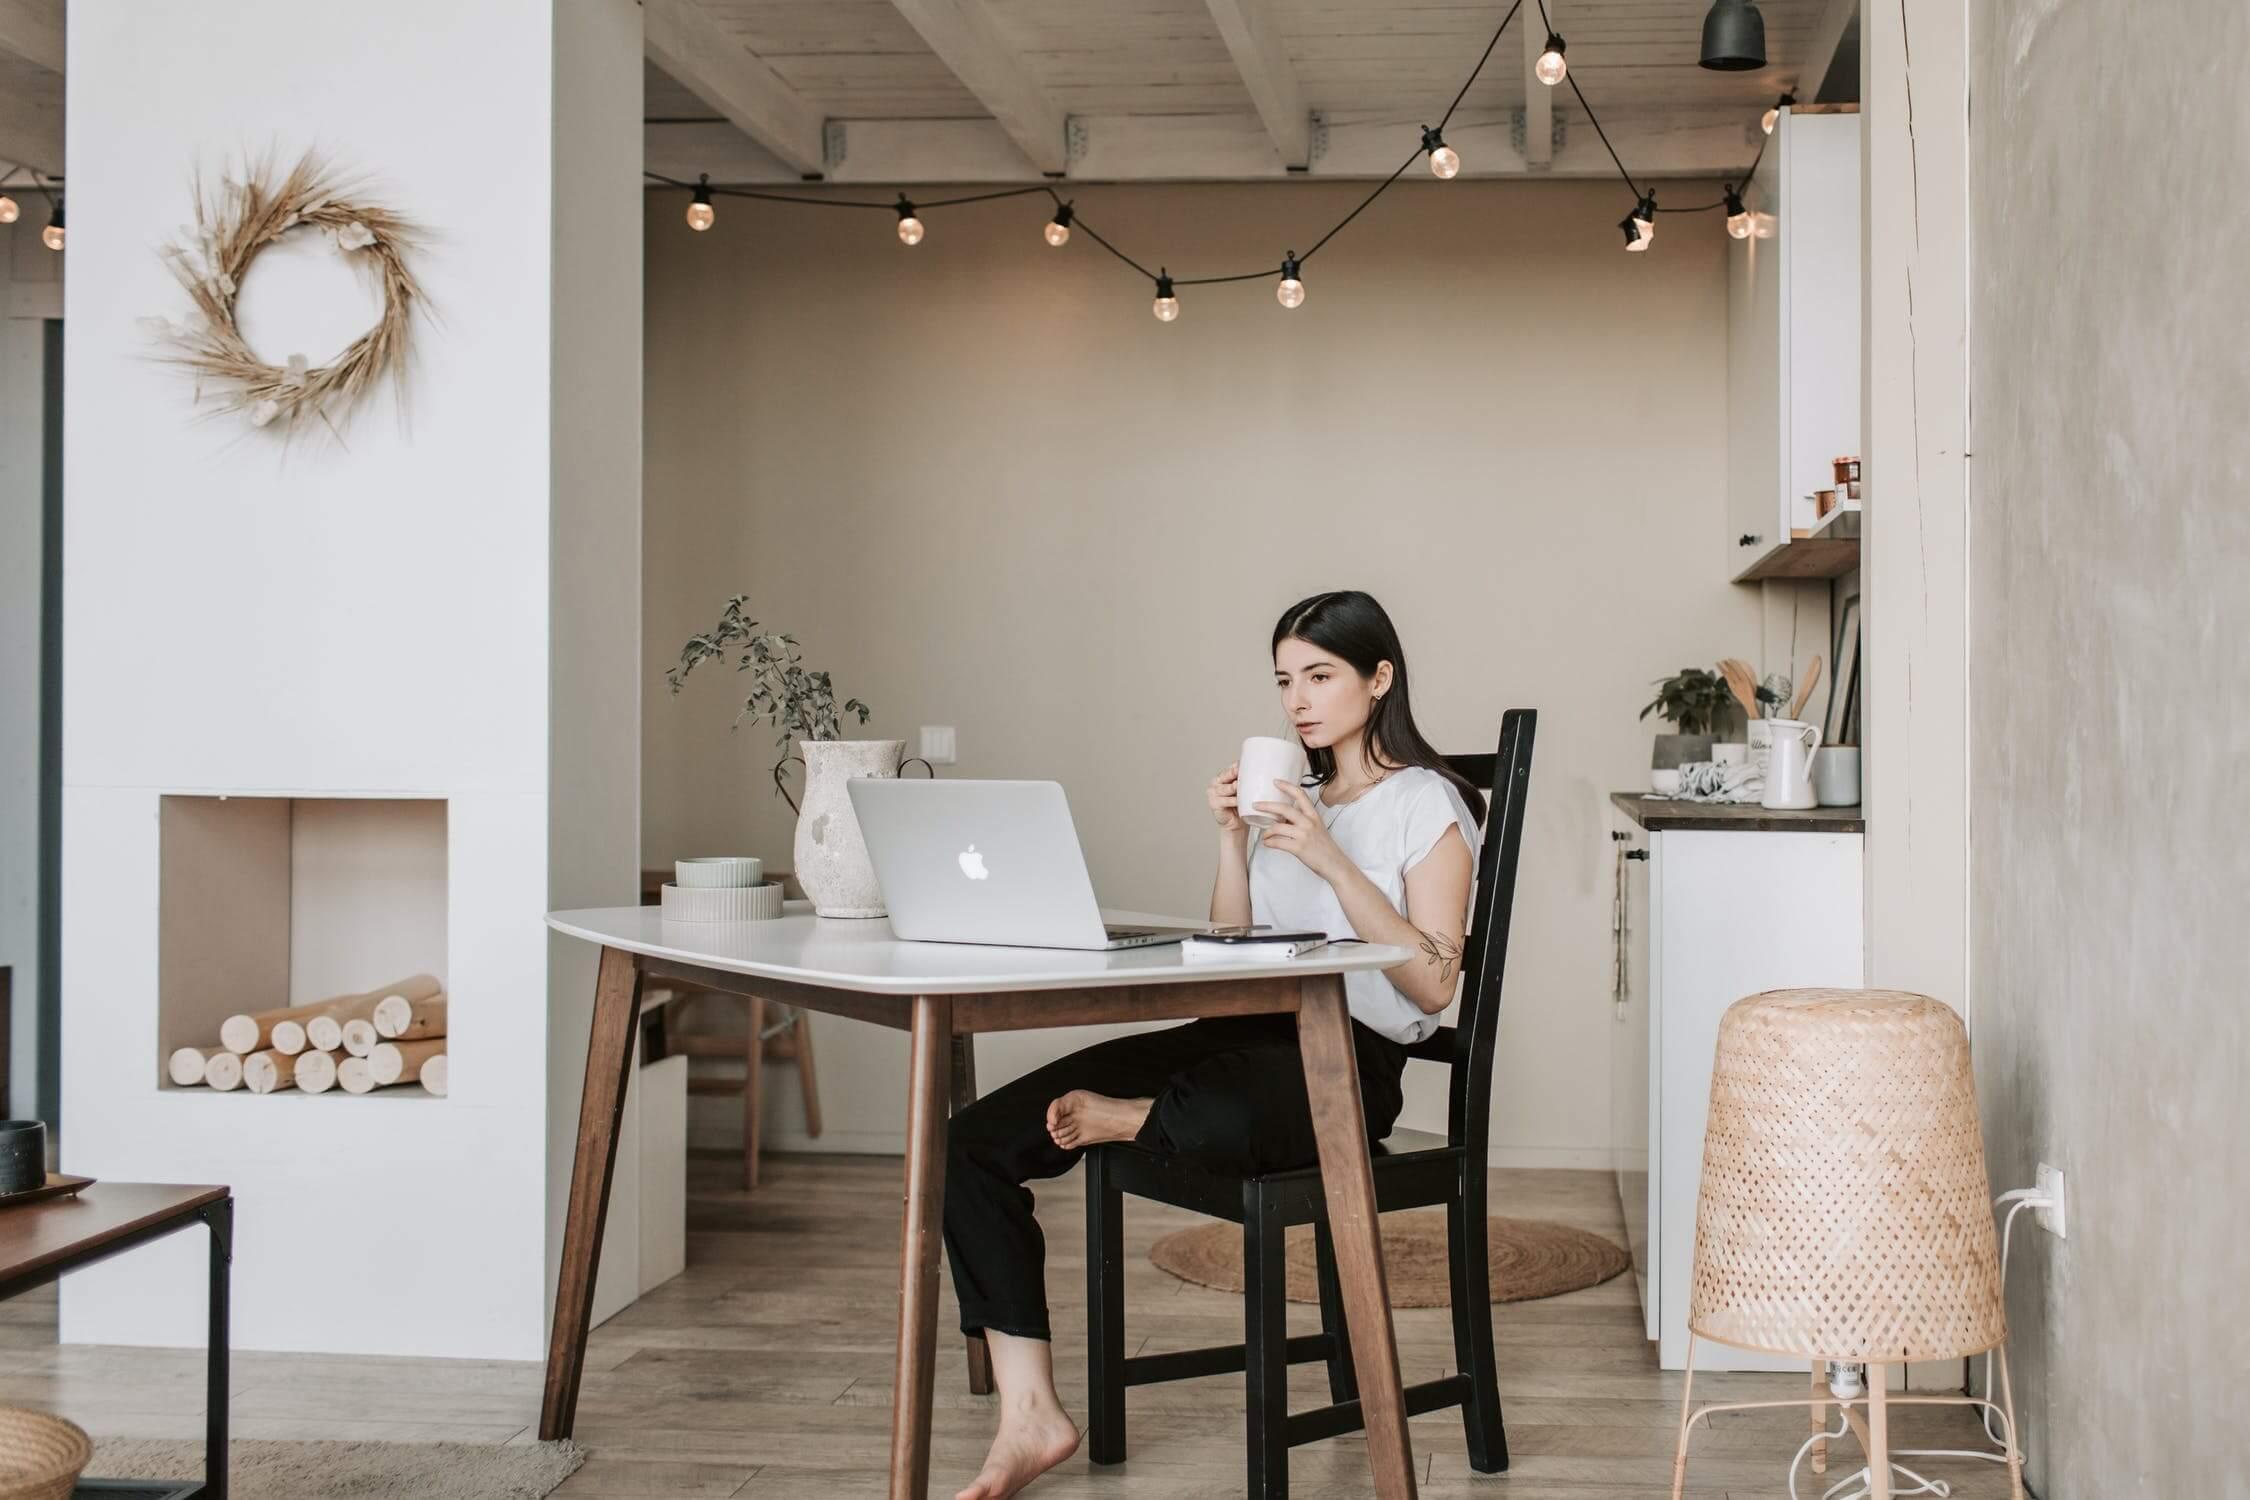 Tendencias en interiorismo, trabajar desde casa, impulsado por el covid19. #AnaUtrillainterioristaonline #Diseñohogaresconencanto